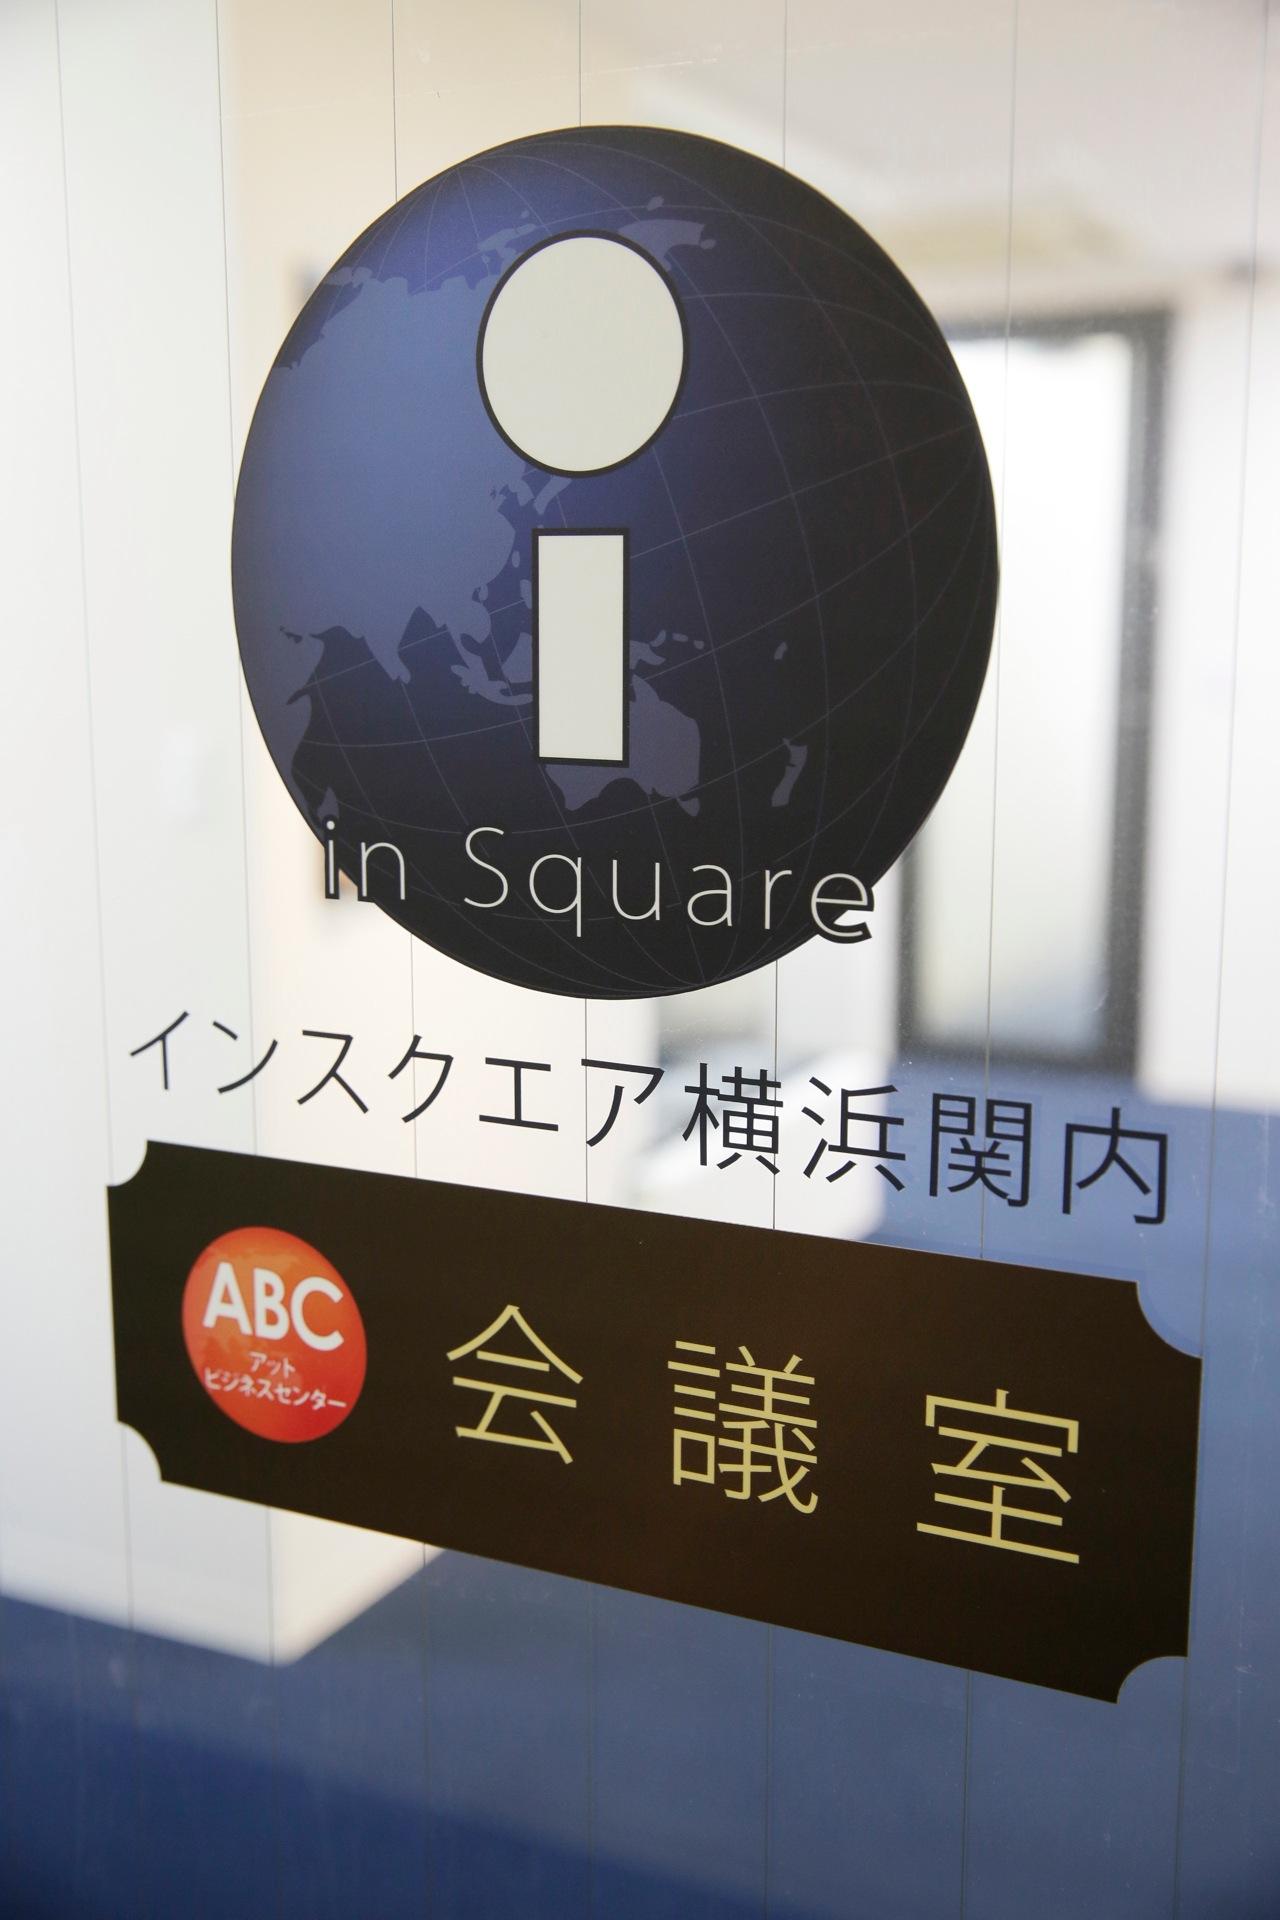 インスクエア 横浜関内